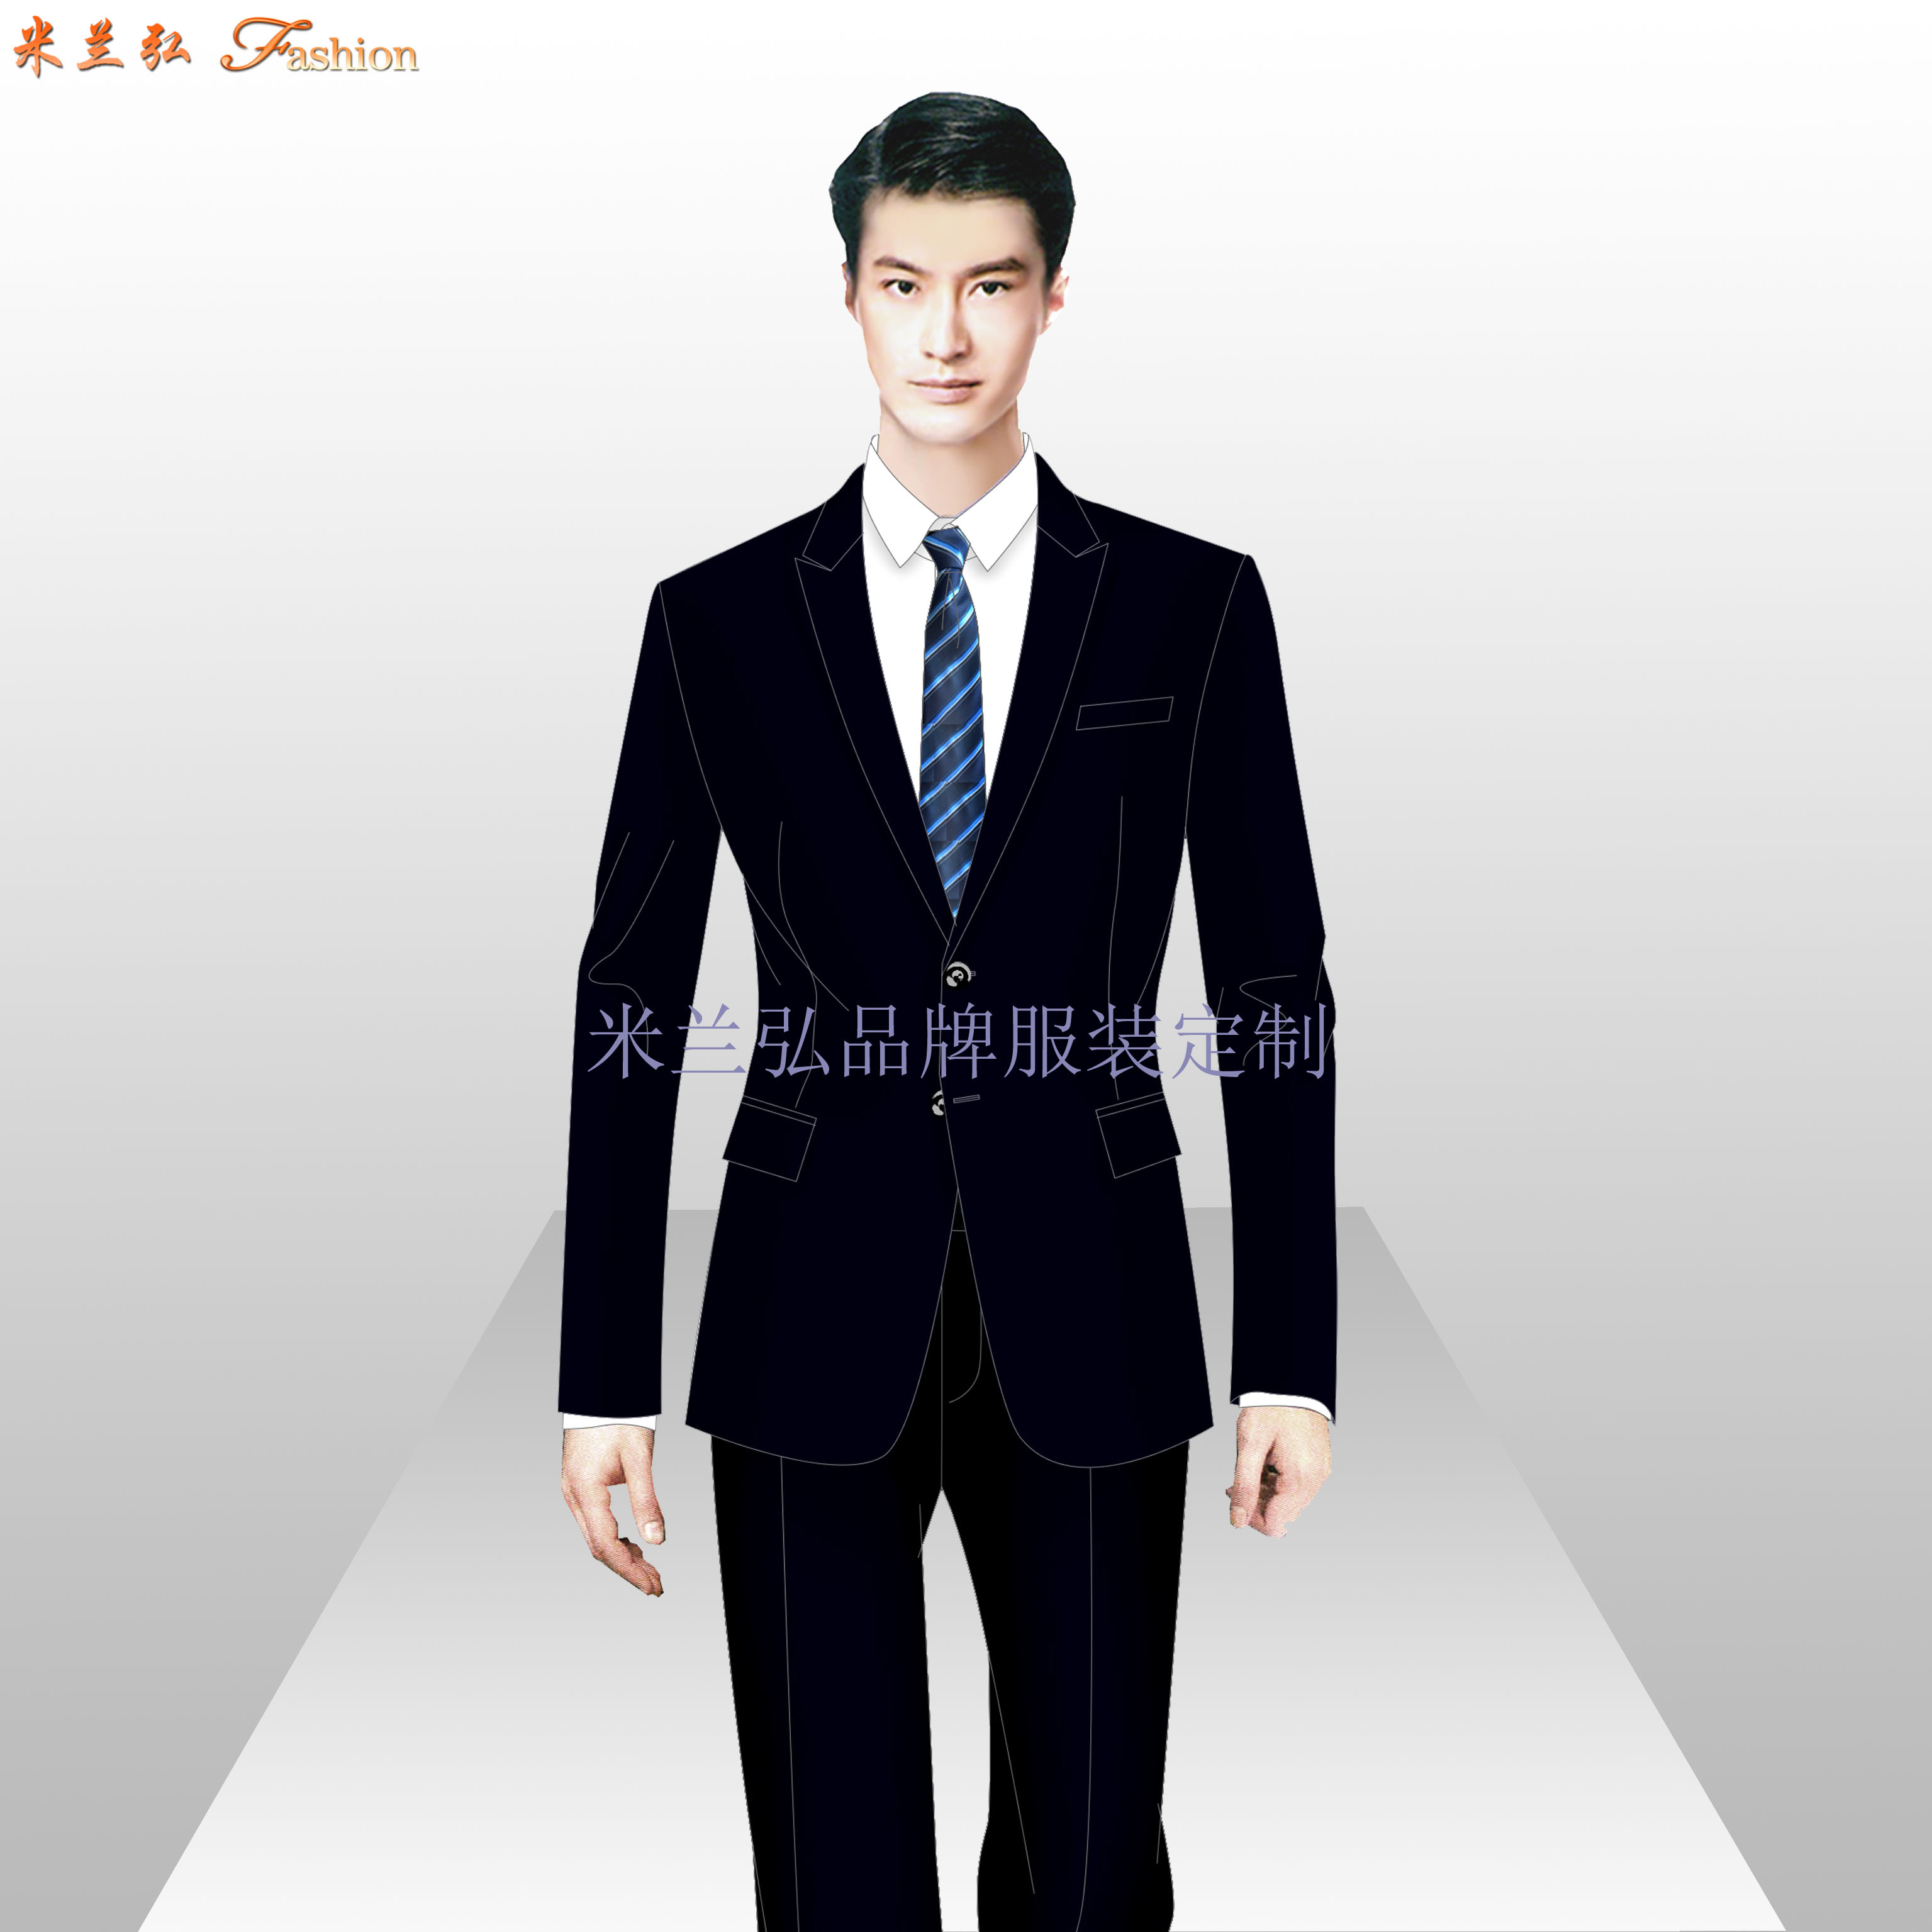 銀行辦公室職業裝_銀行工作服訂做-米蘭弘服裝廠家-2